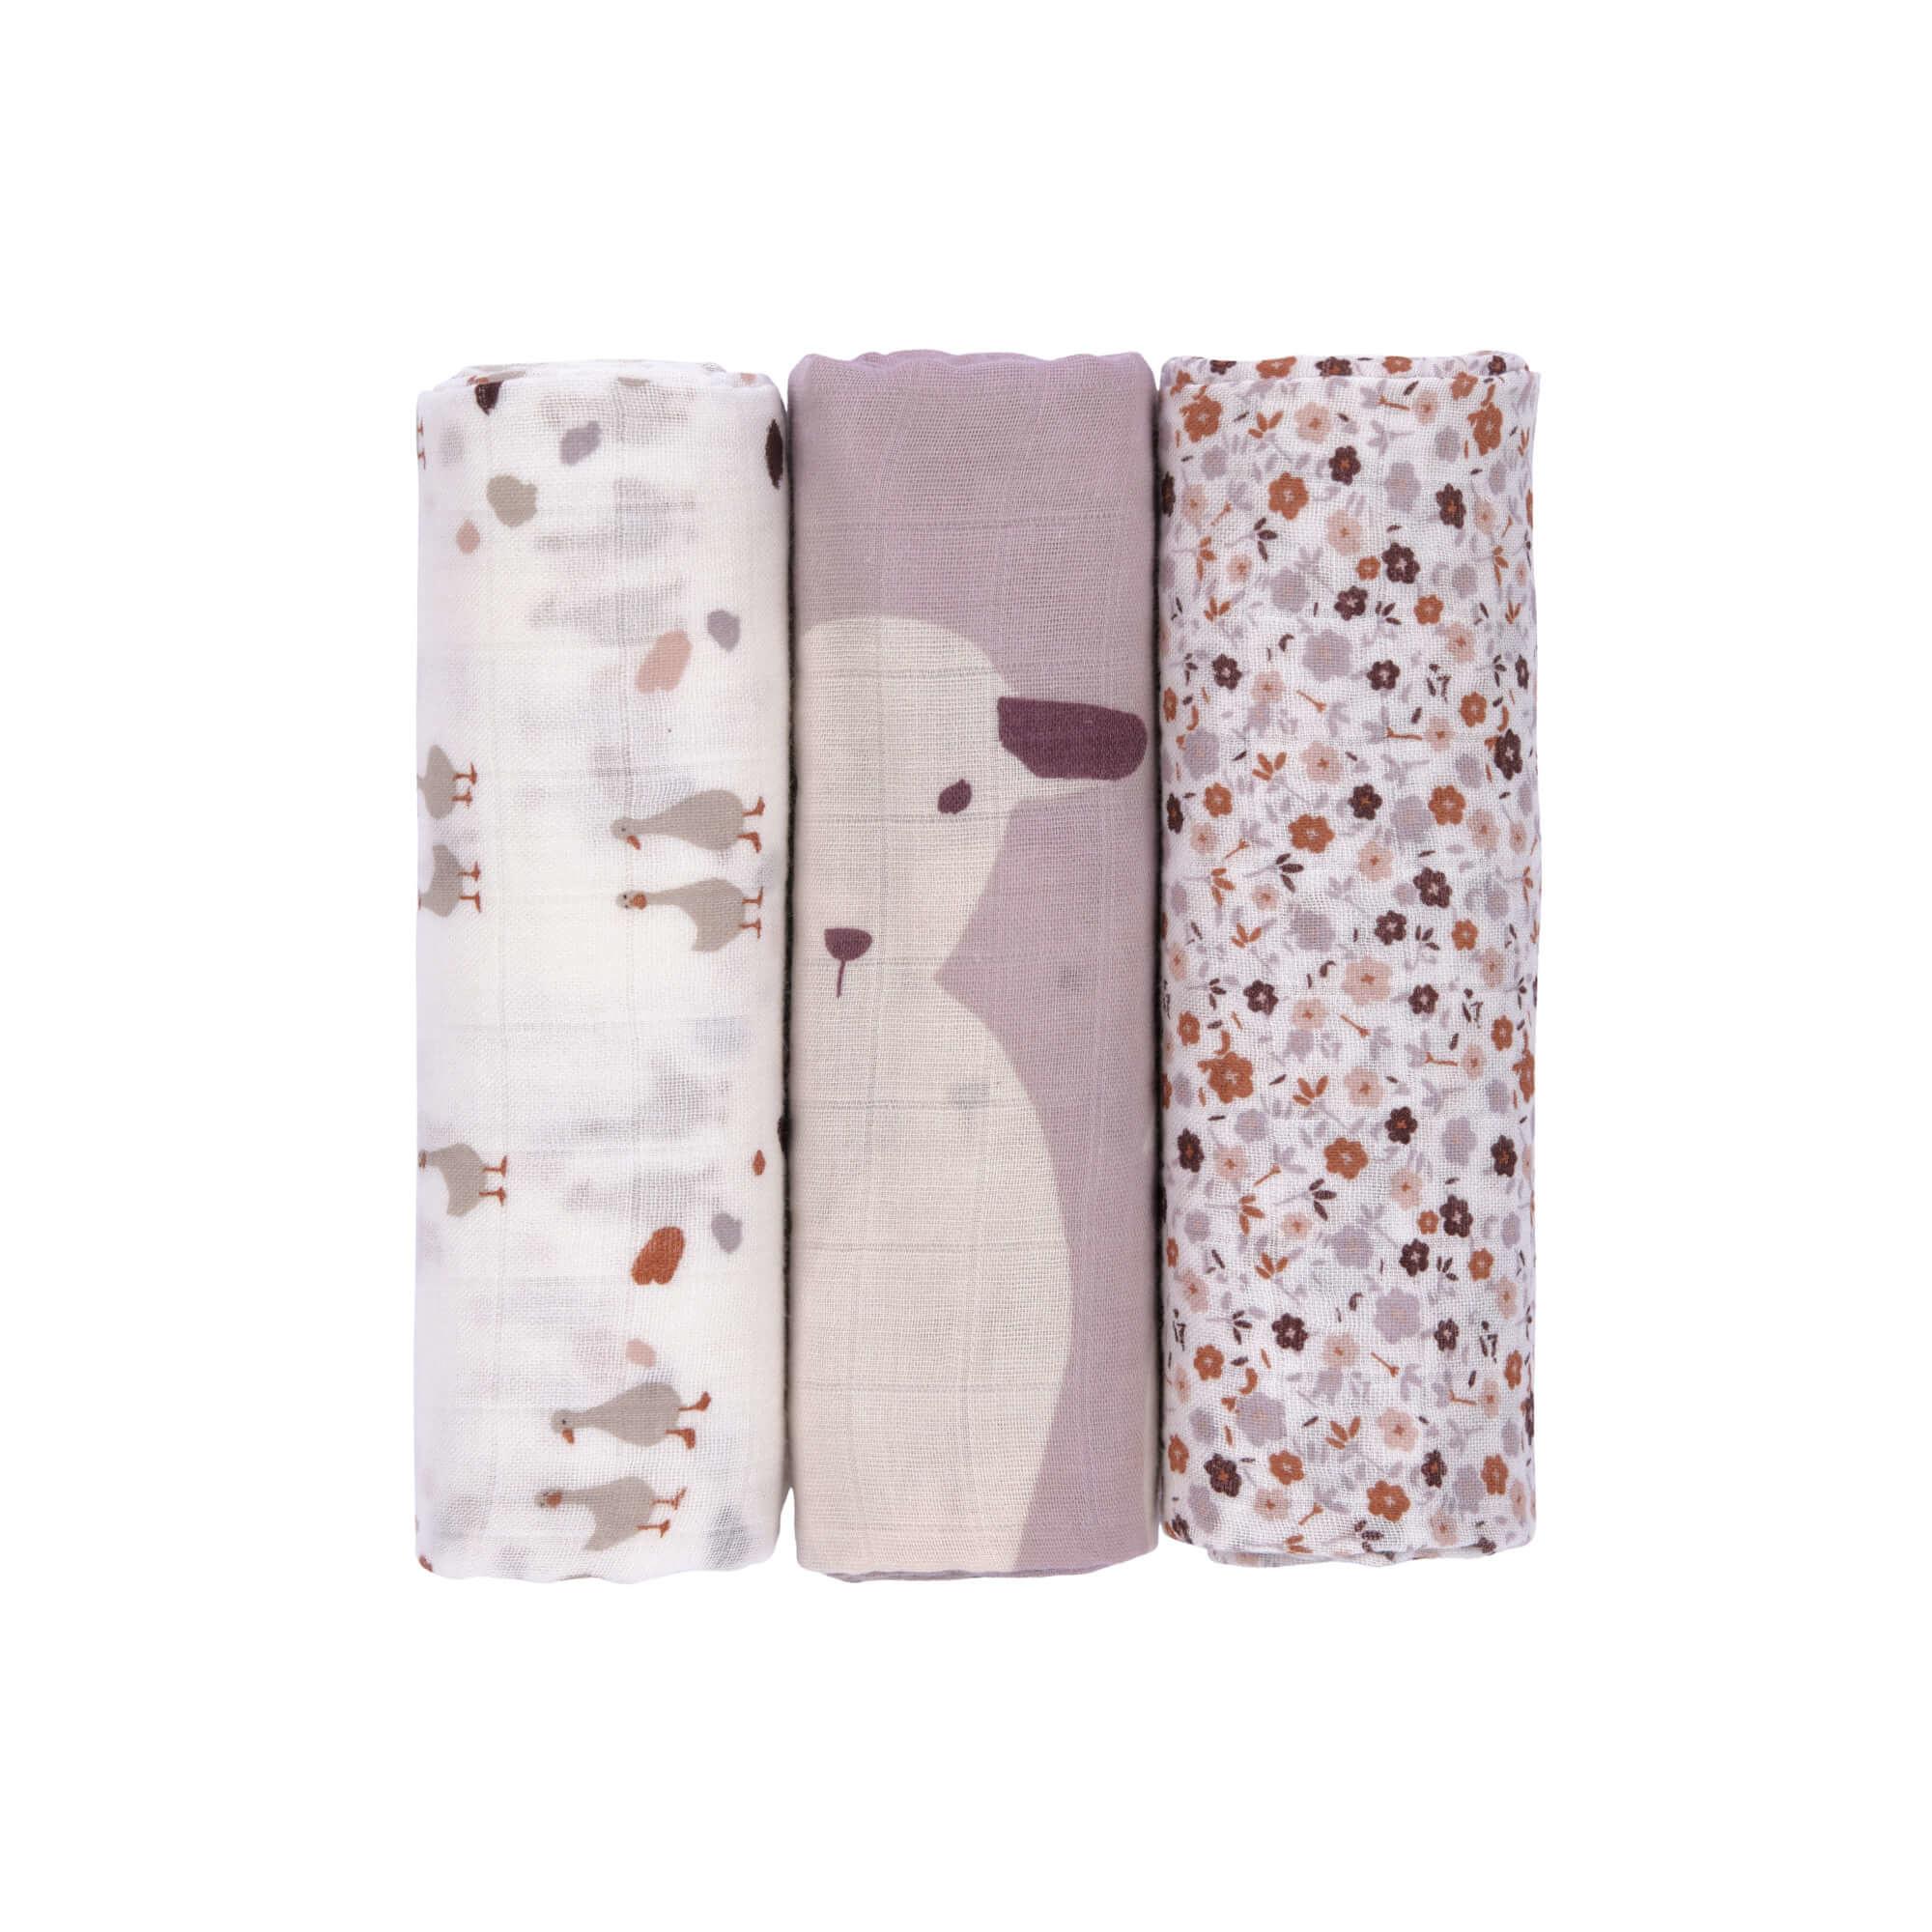 Lässig Lässig Heavenly soft swaddle doek / luier L 3 stuks Tiny Farmer Flowers 80 x 80 cm